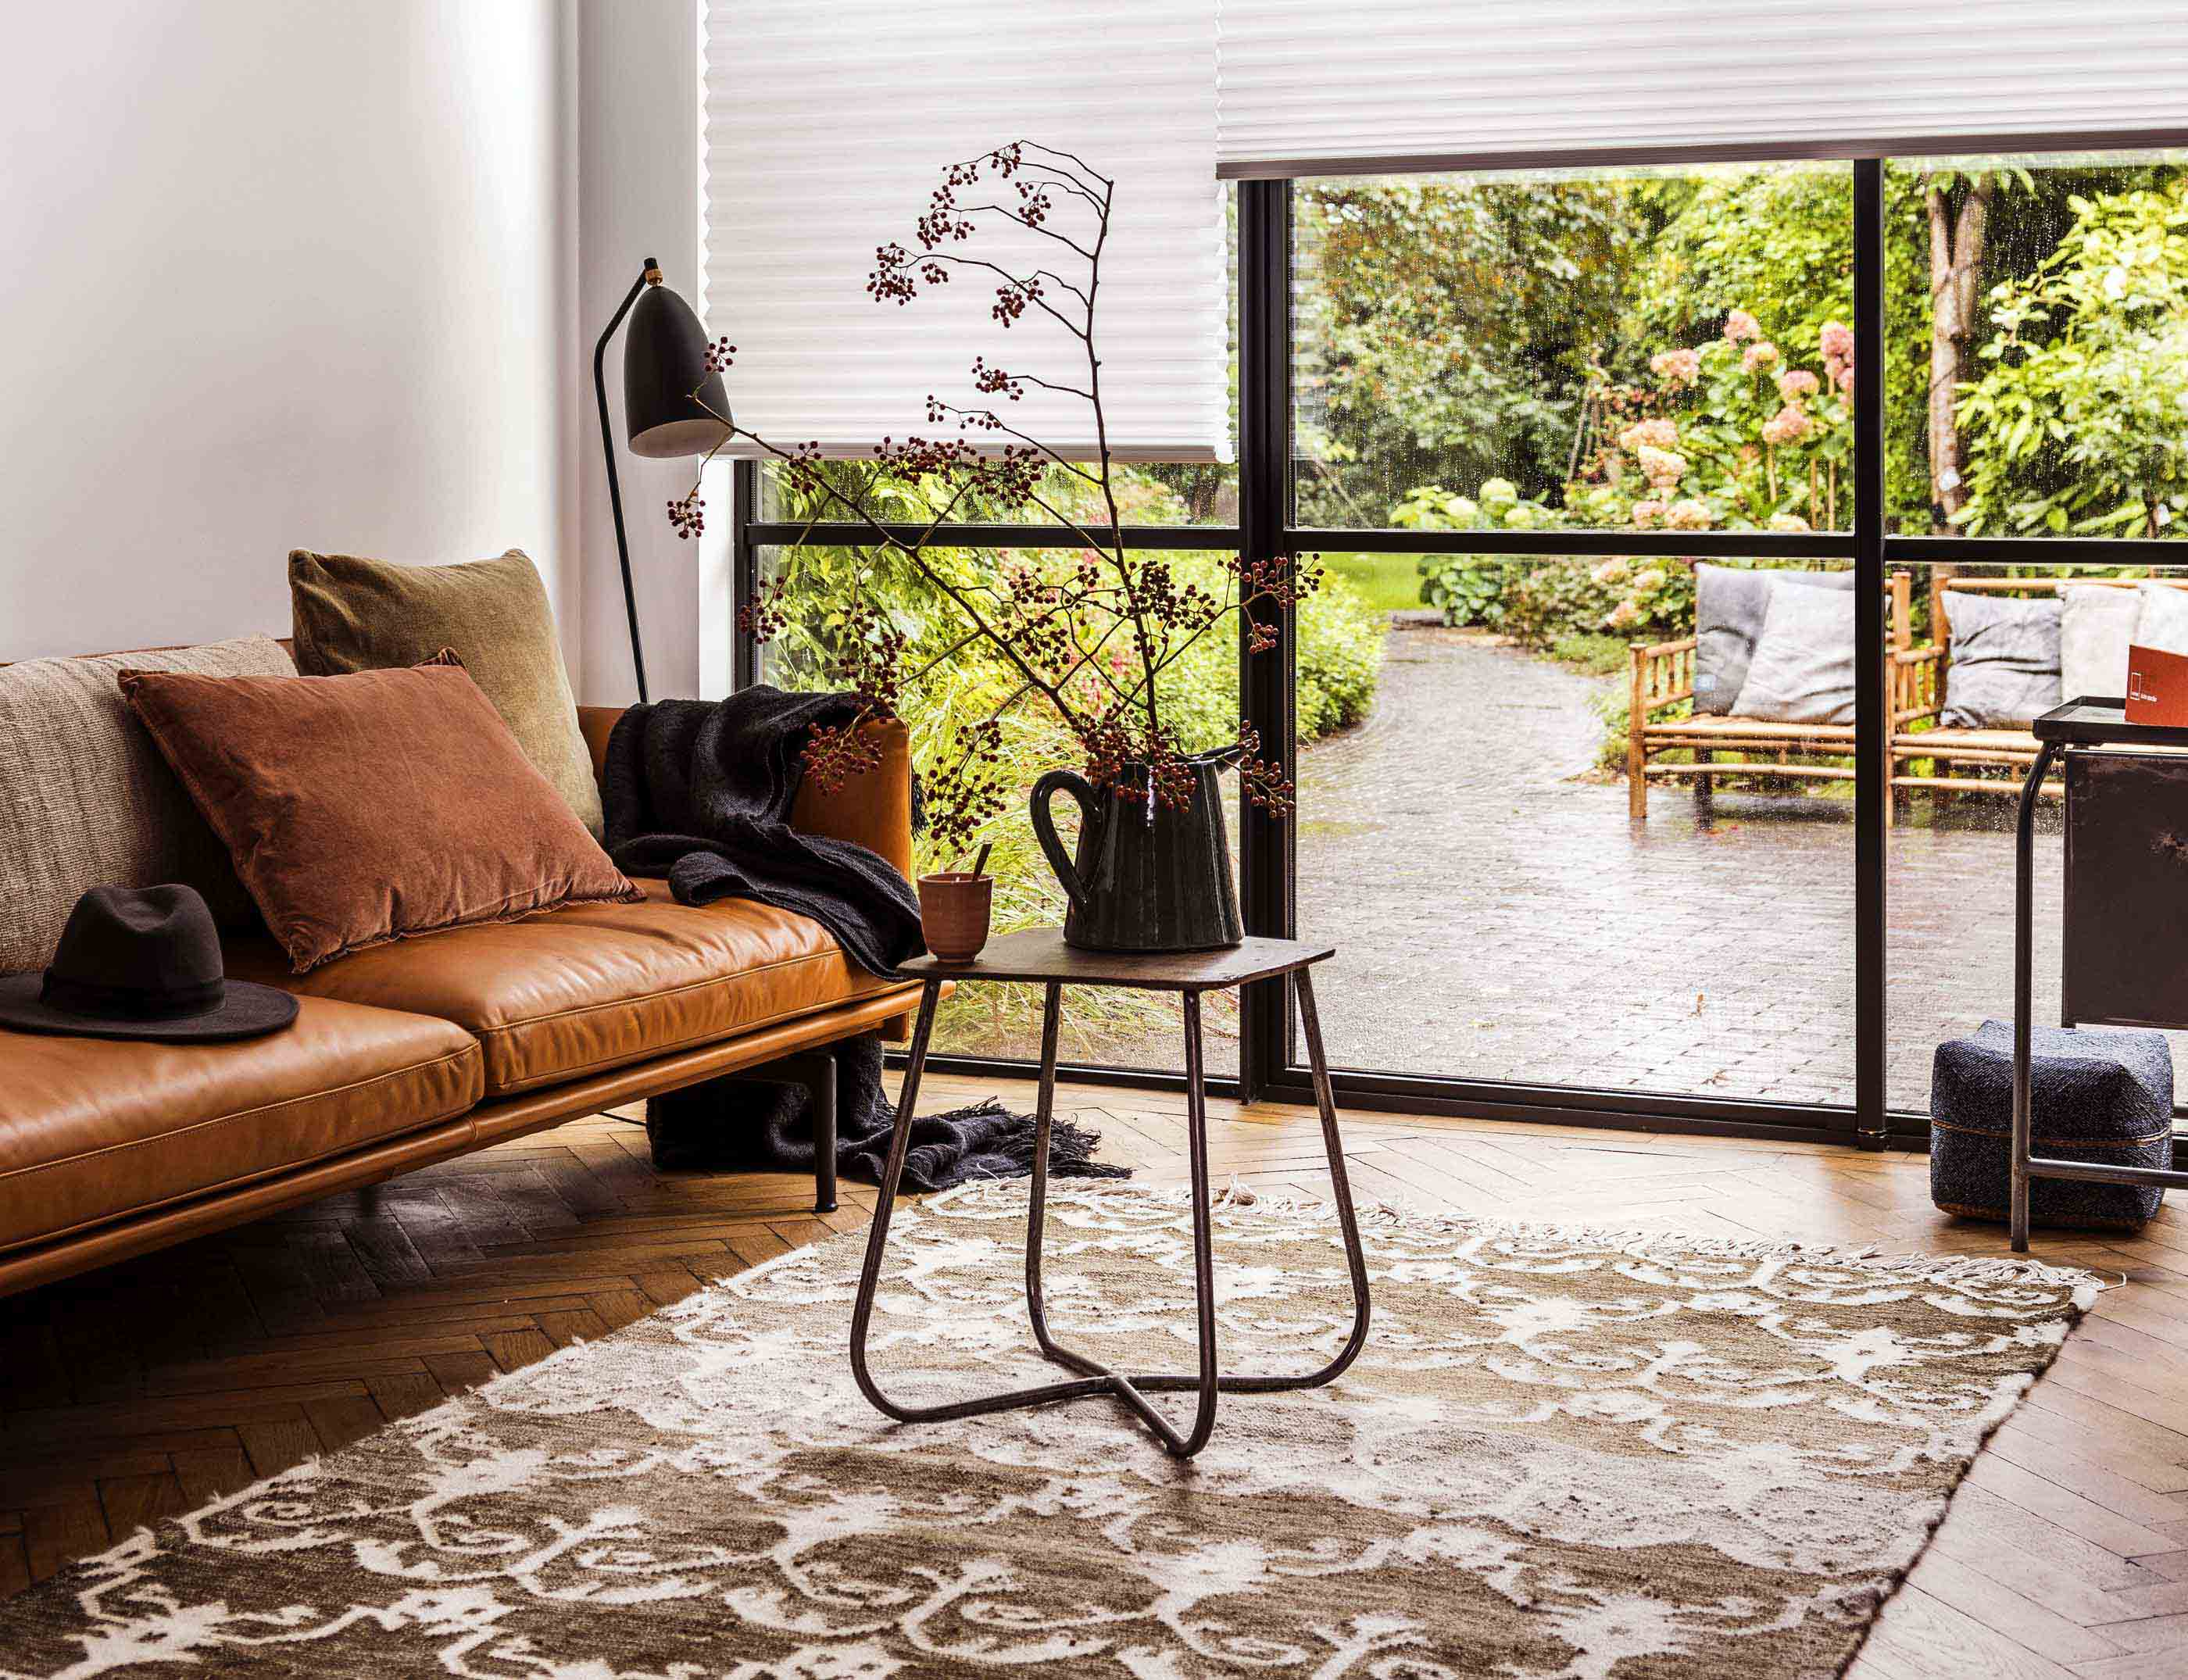 Roobol Tapijt Vloerkleden : Gordijnen inspiratie voor vloeren en raambekleding roobol